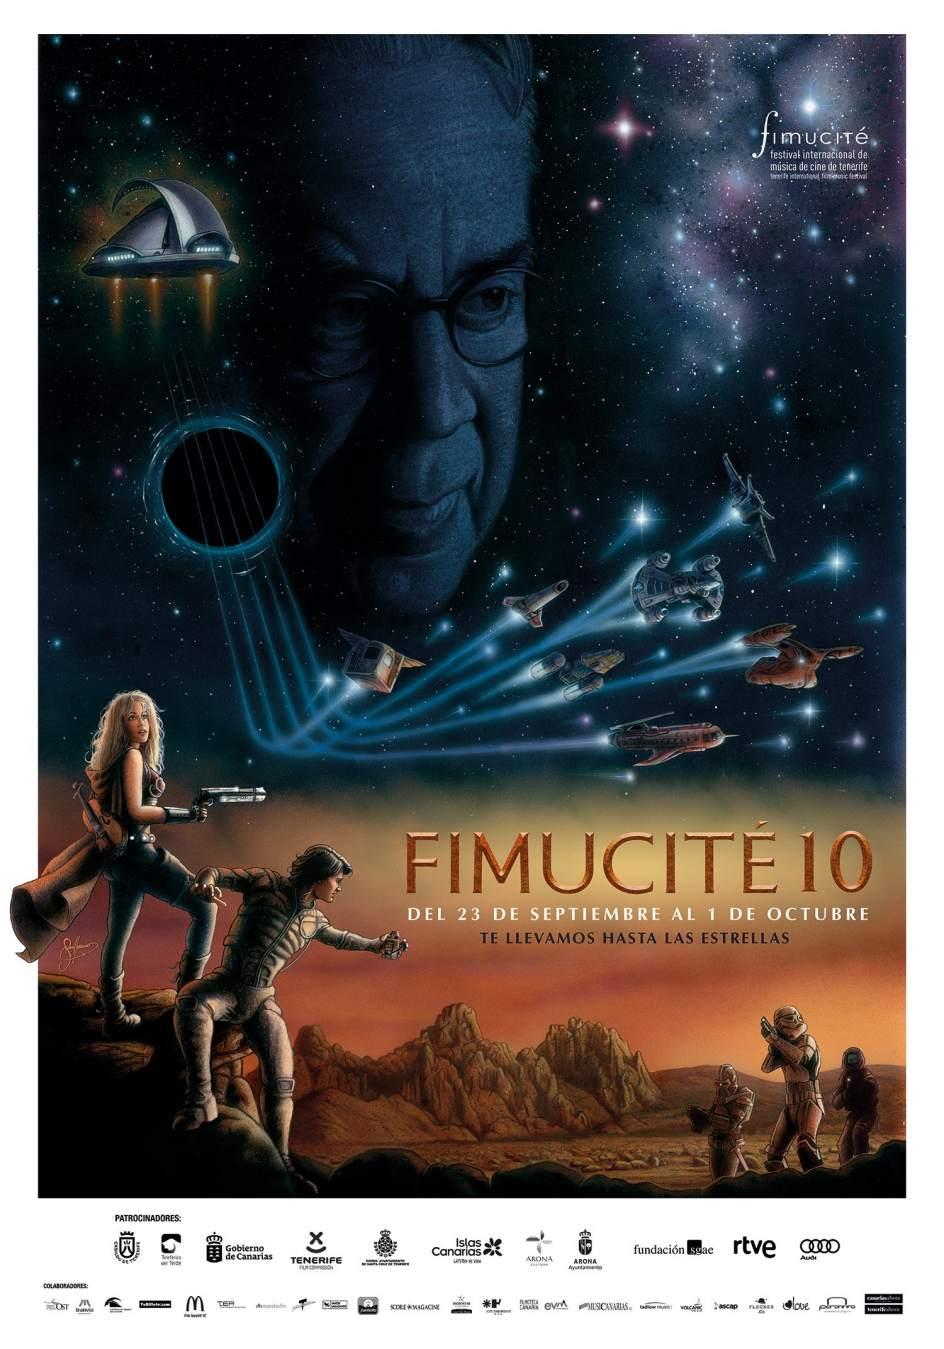 Fimucite 10 - Cartel